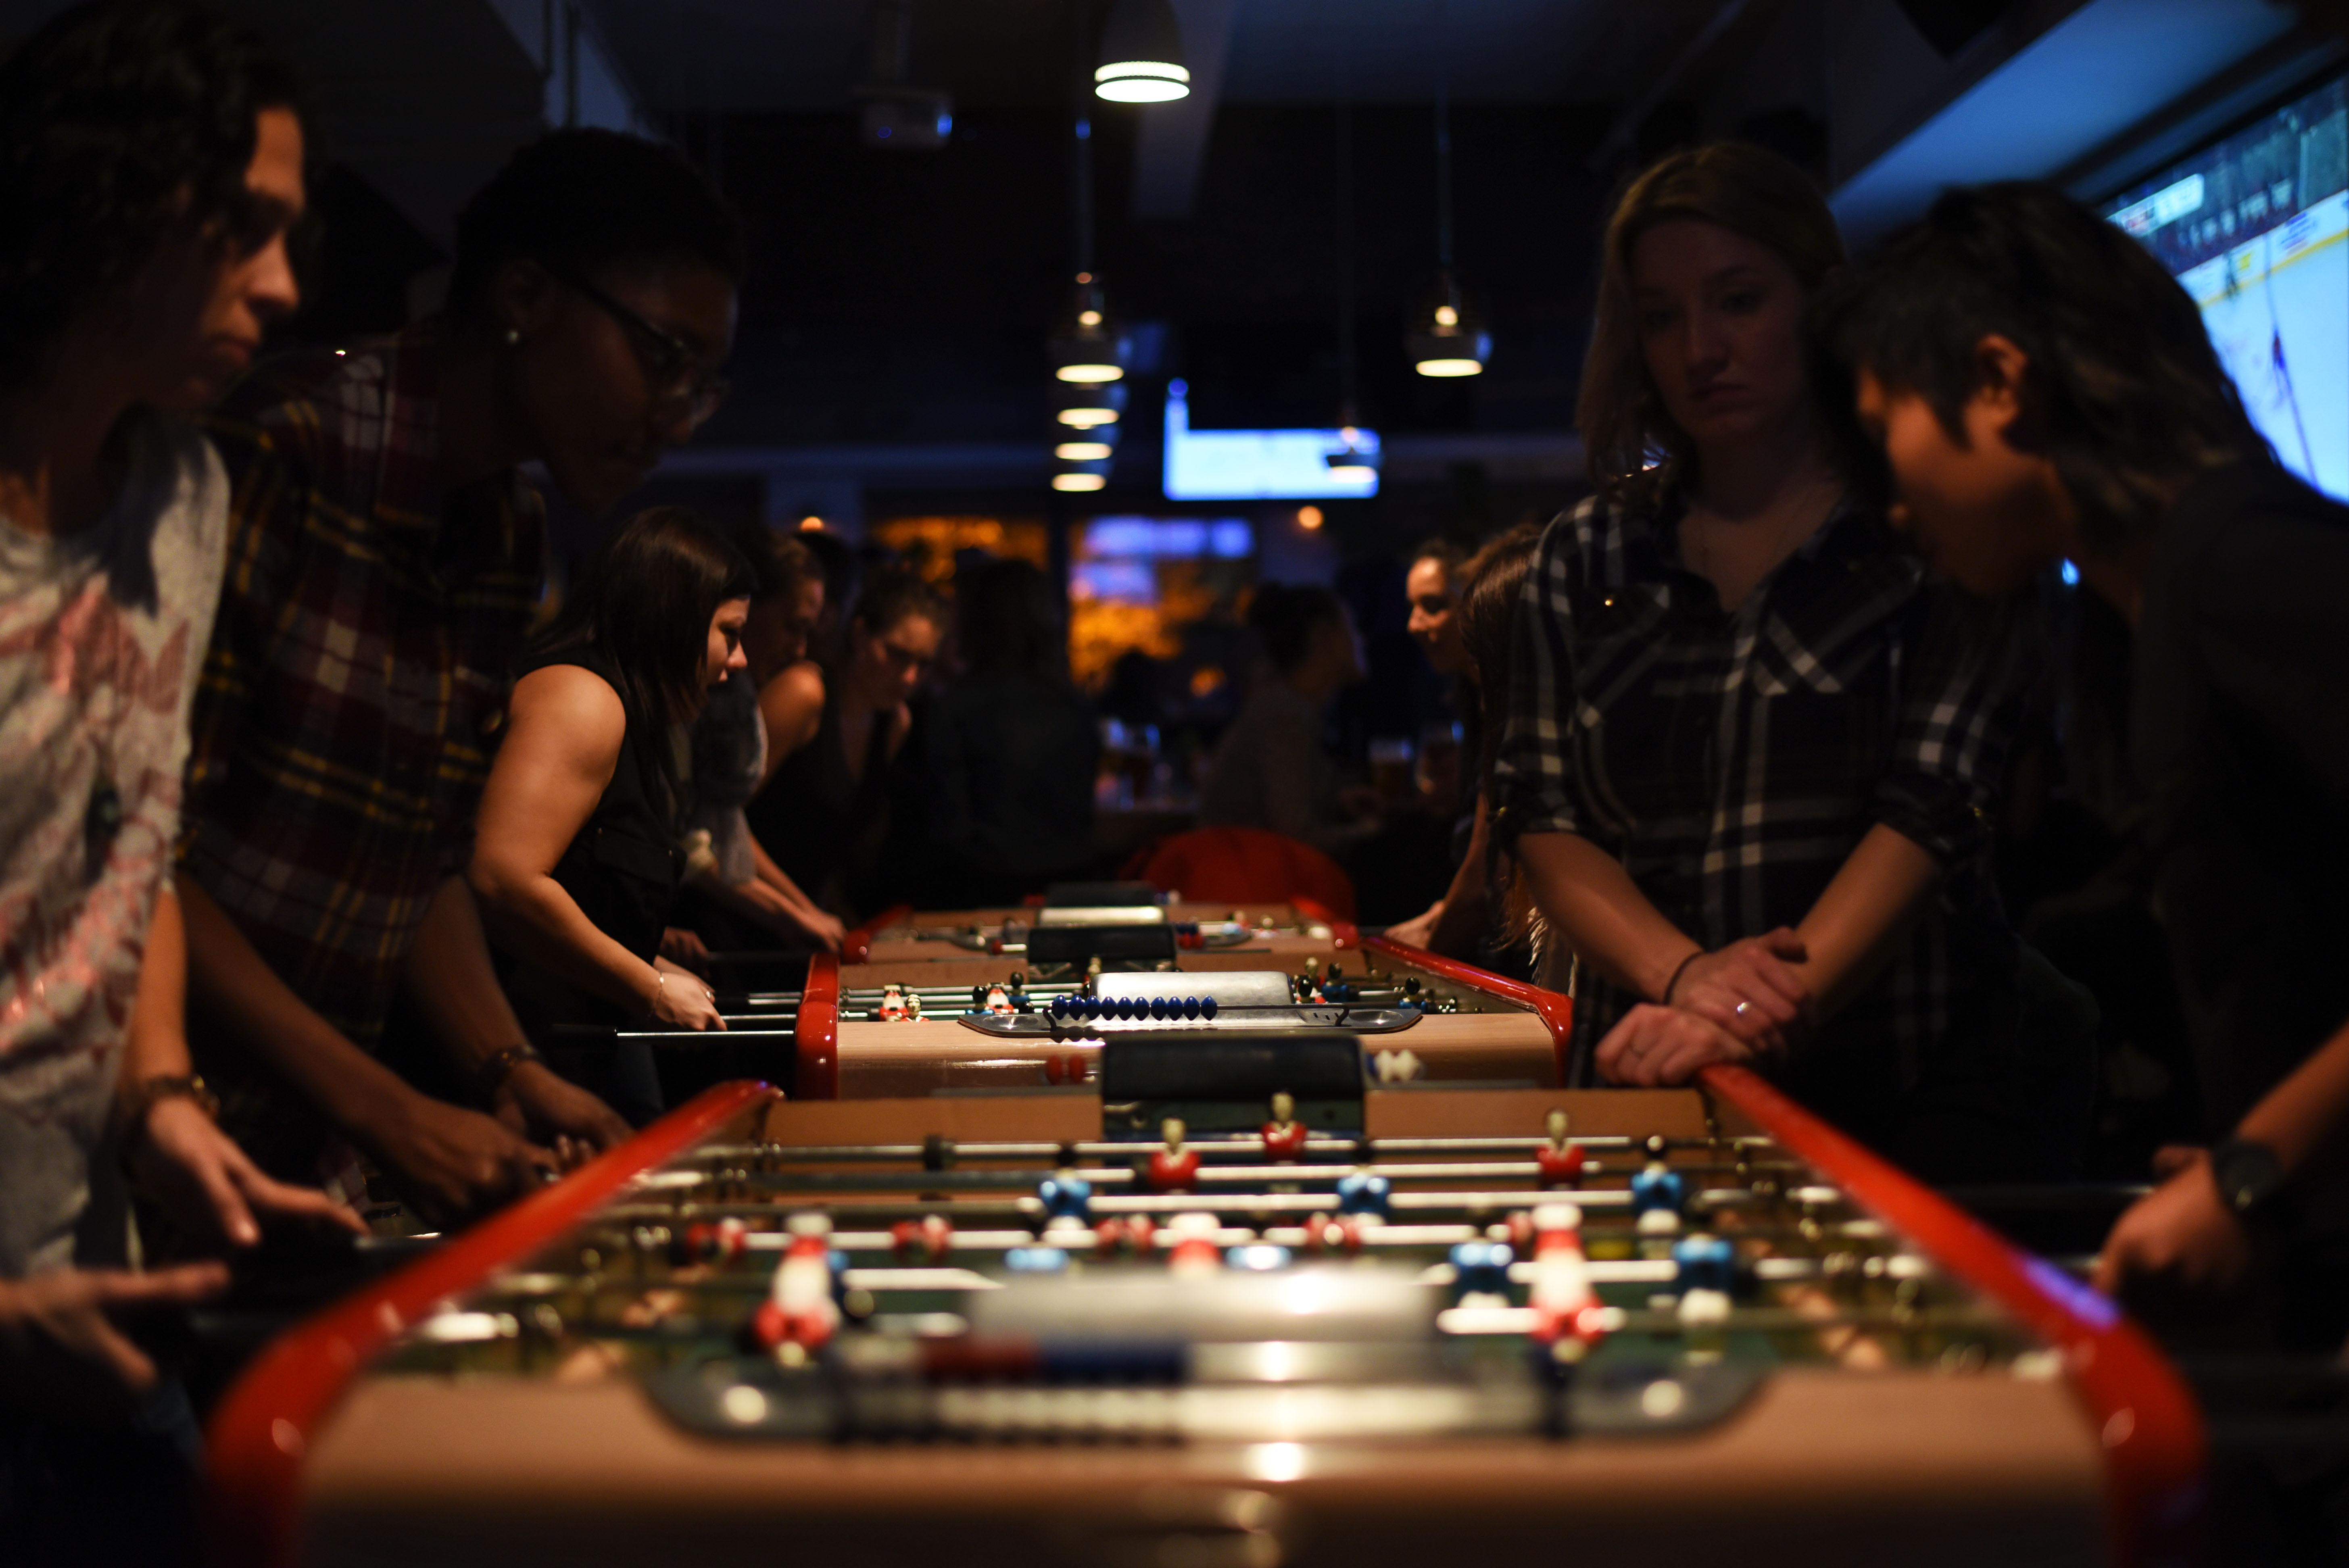 Les bars lesbiens de Montrйal pour une rencontre lesbienne Montreal fun!